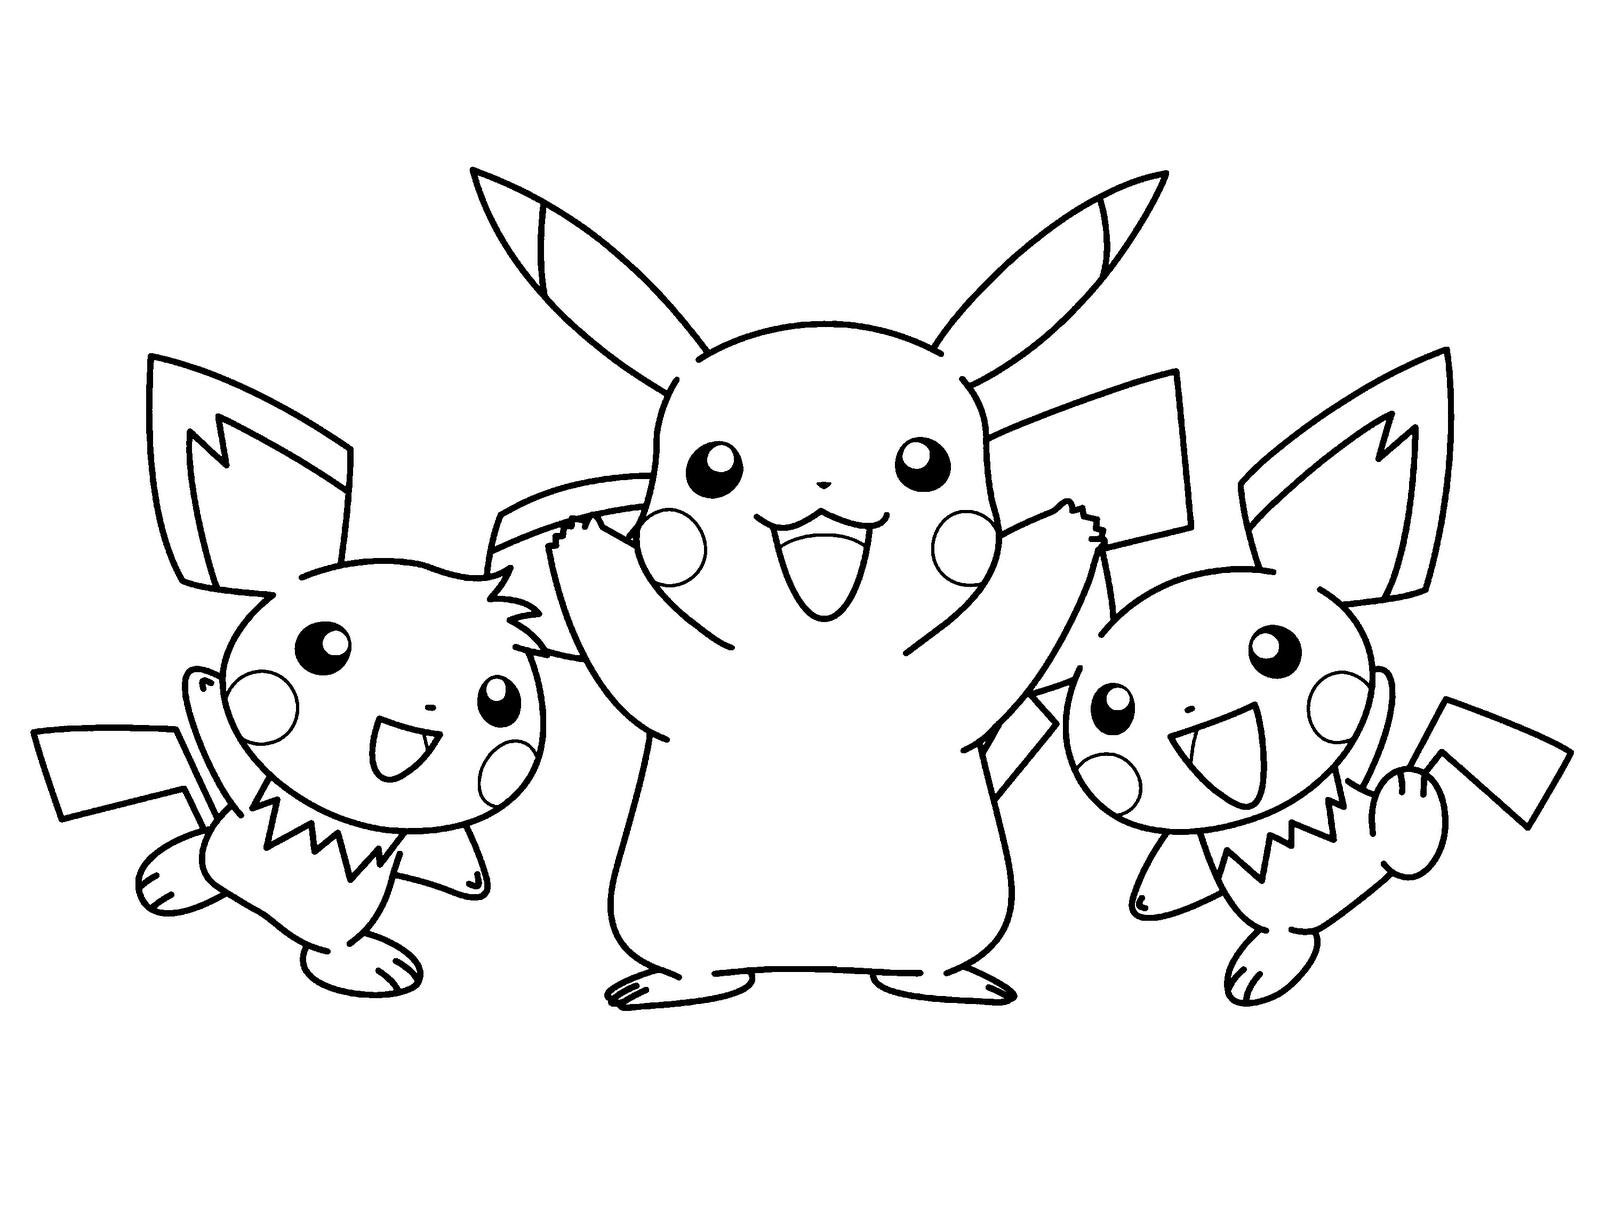 Pokemon Da Colorare Disegni Stampare Gratis Free Image